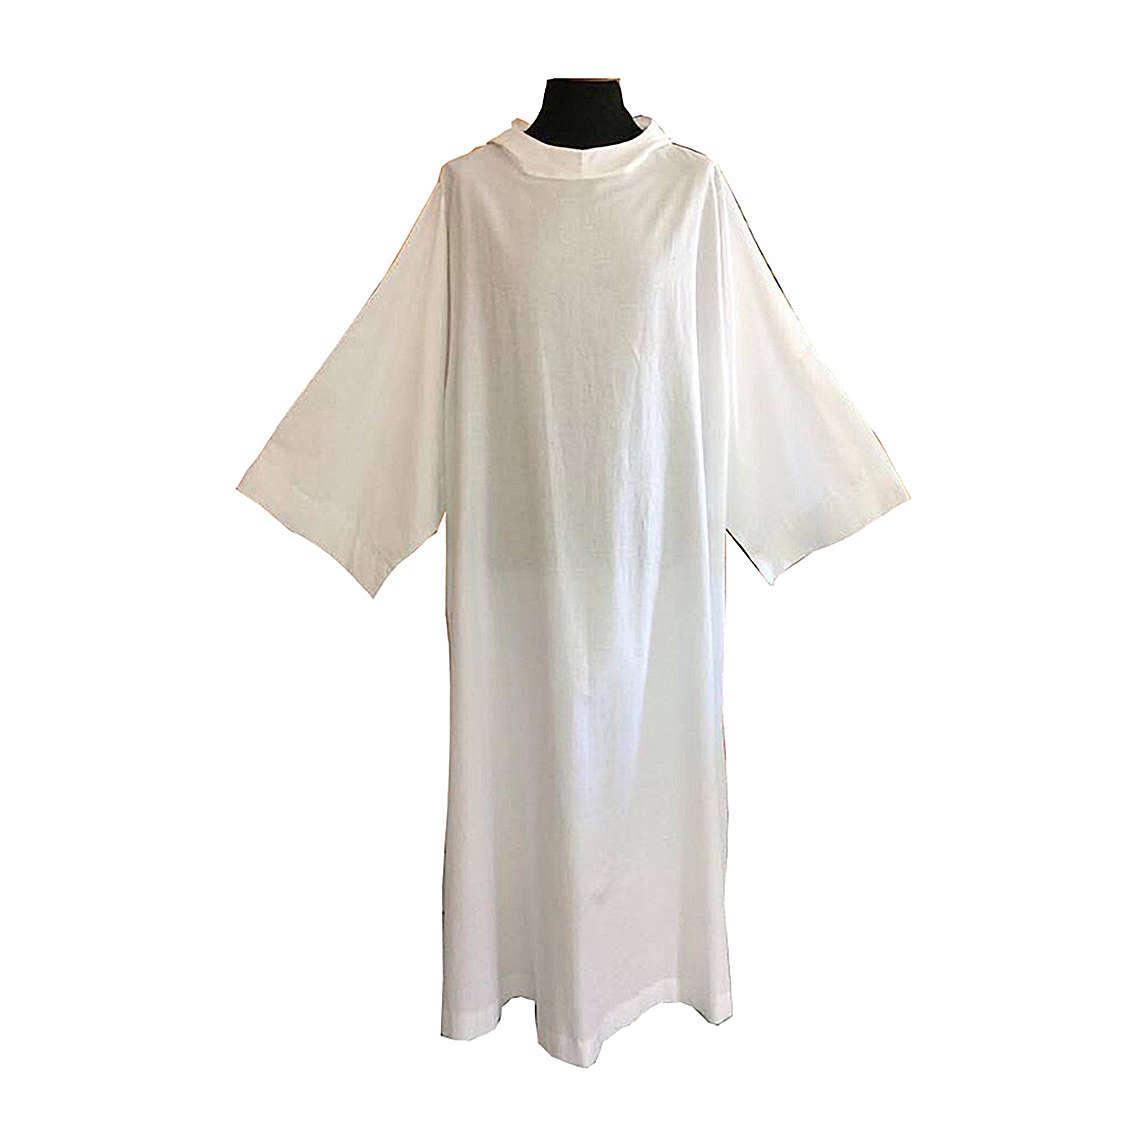 Camice monastico in misto lana 4